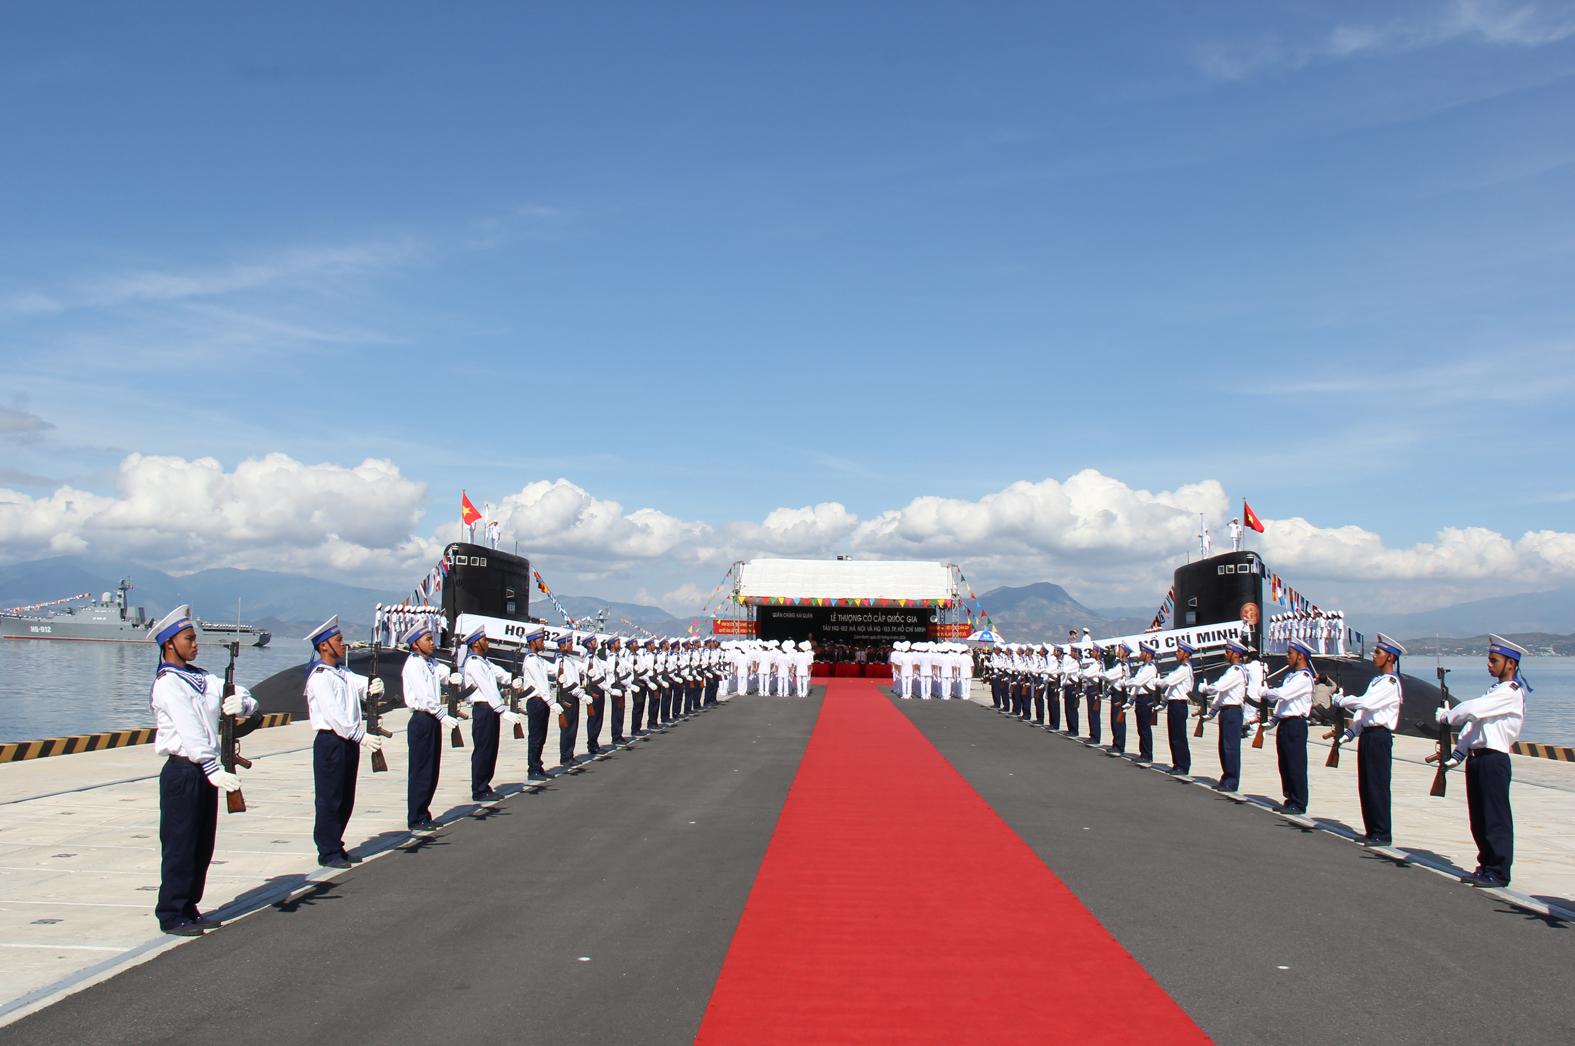 Toàn cảnh buổi lễ thượng cờ trên 2 tàu ngầm HQ-182 Hà Nội và HQ-183 TP Hồ Chí Minh